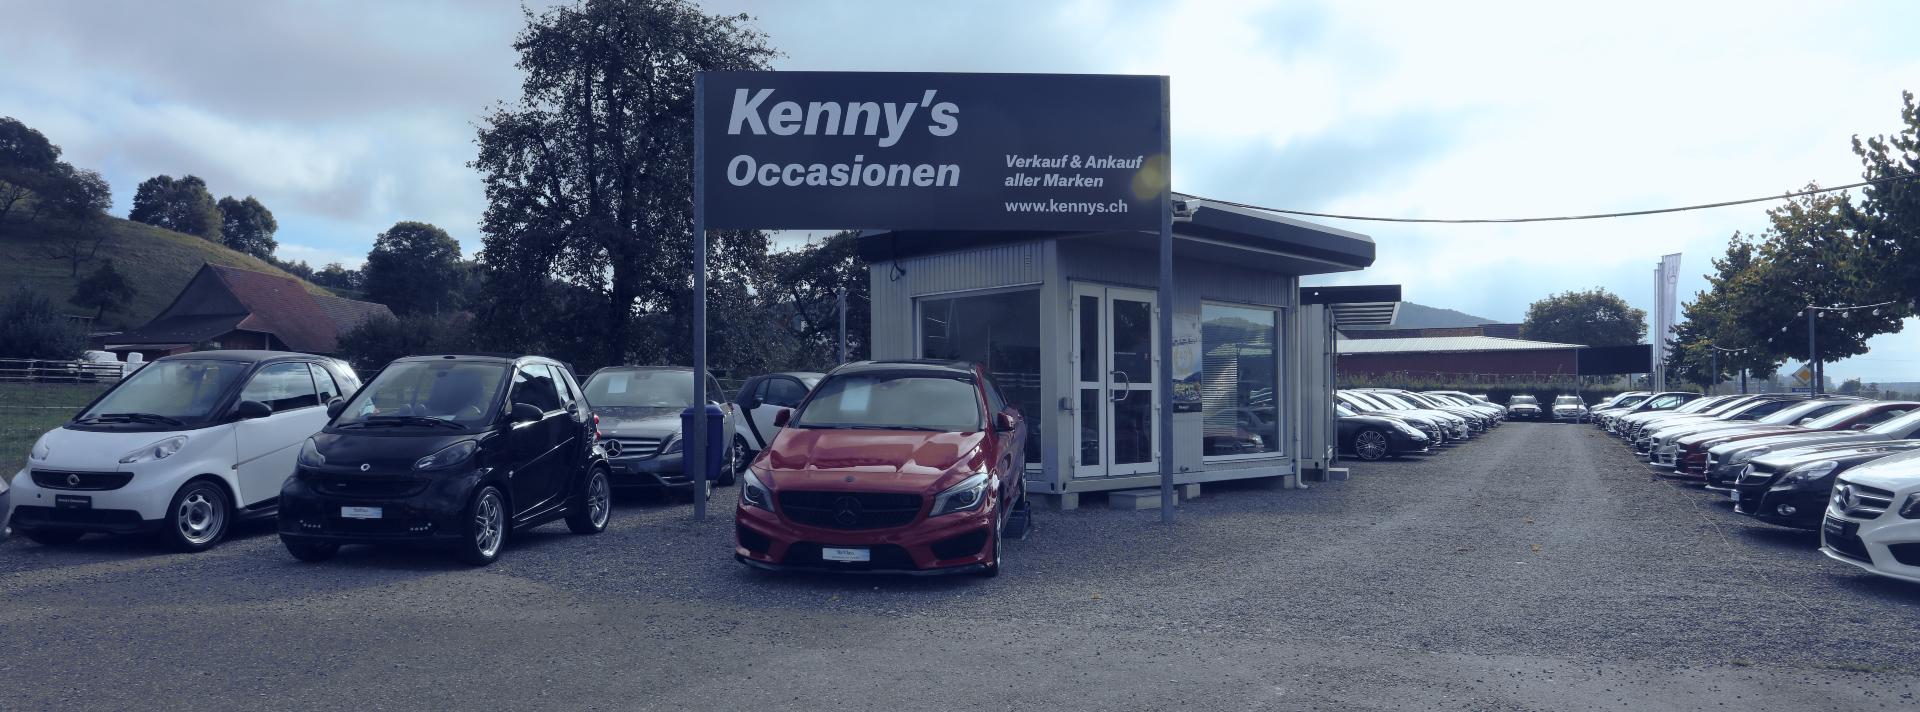 Kennys Occasionen Garantie Toppreise Mercedes Benz Smart Gepflegt